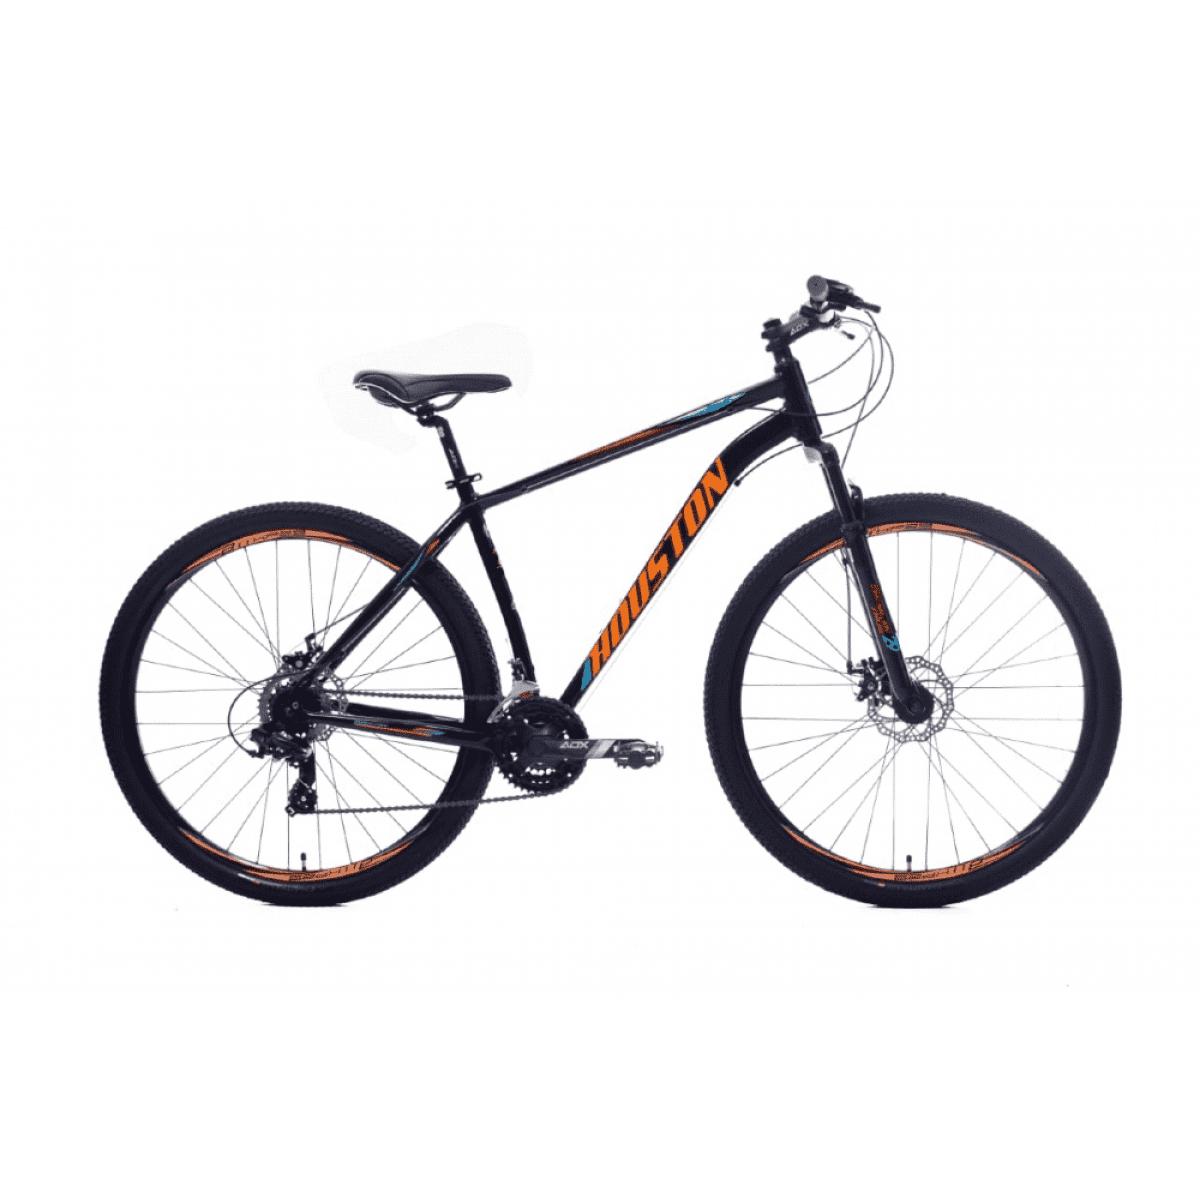 Bicicleta Mtb Houston Skyler 21v 2020 Preto/laranja